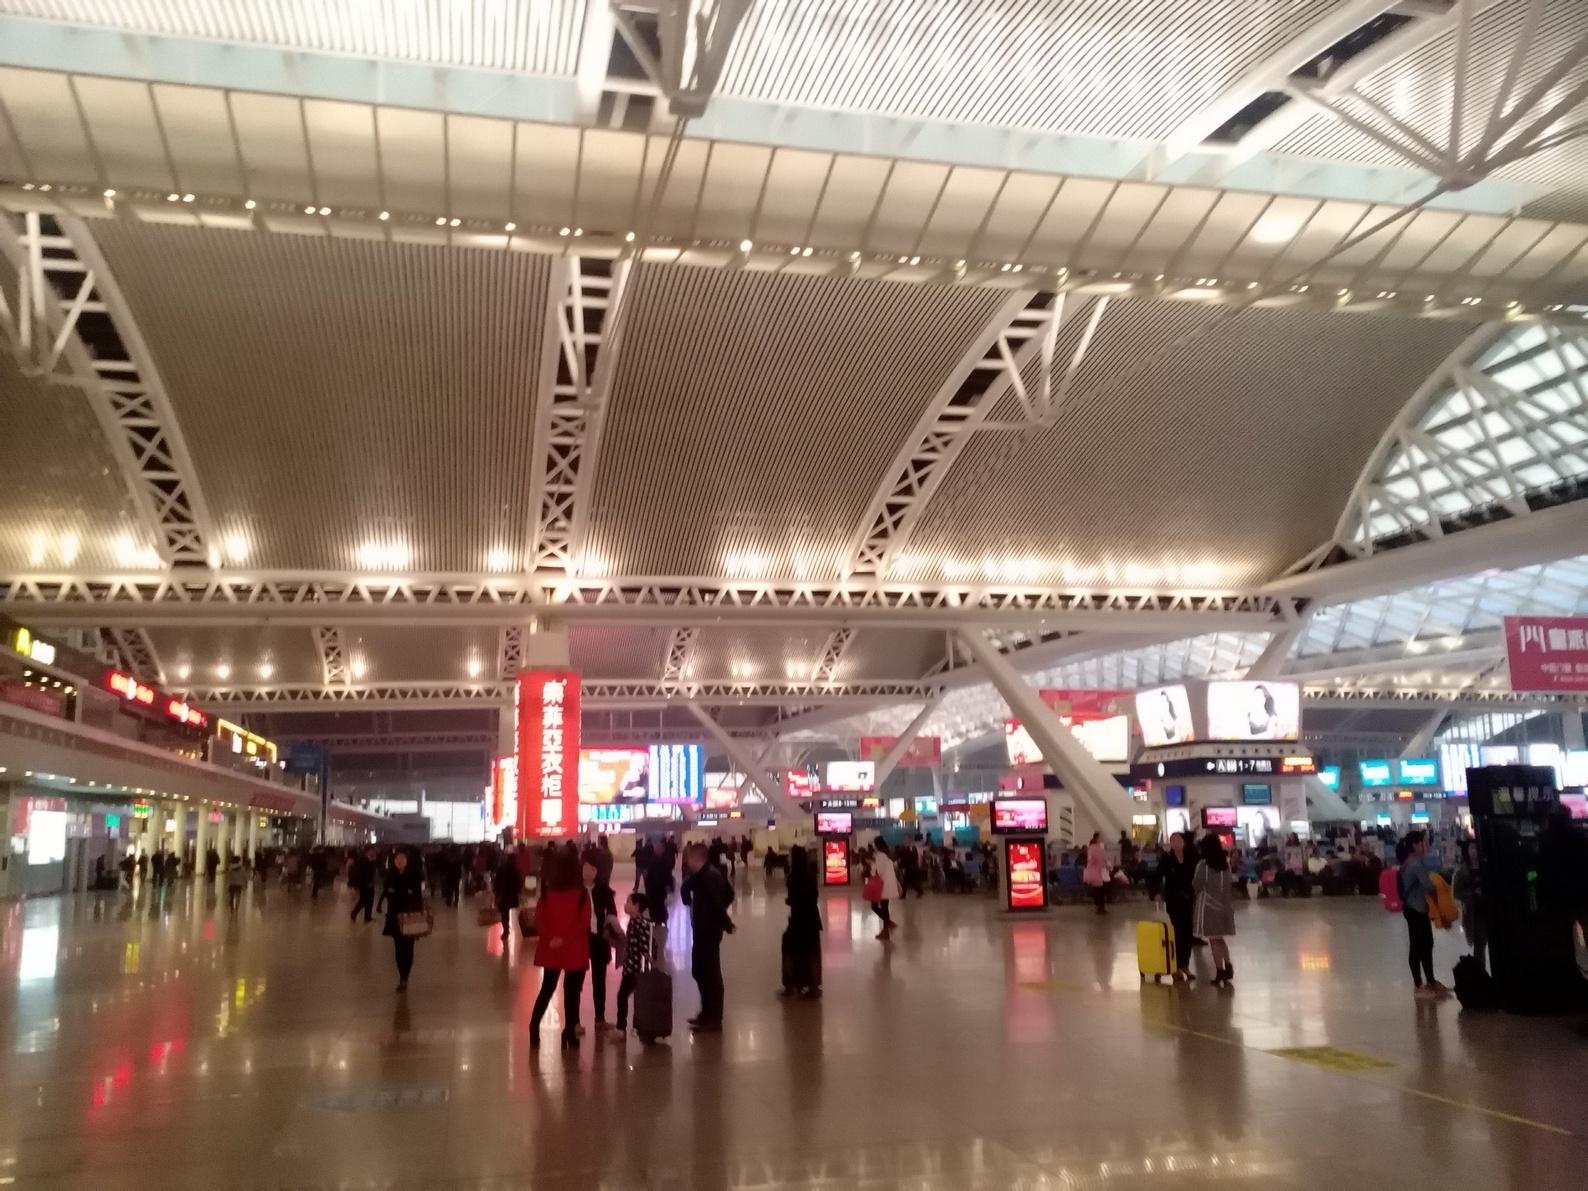 Guangzhou South Station, Nan, China